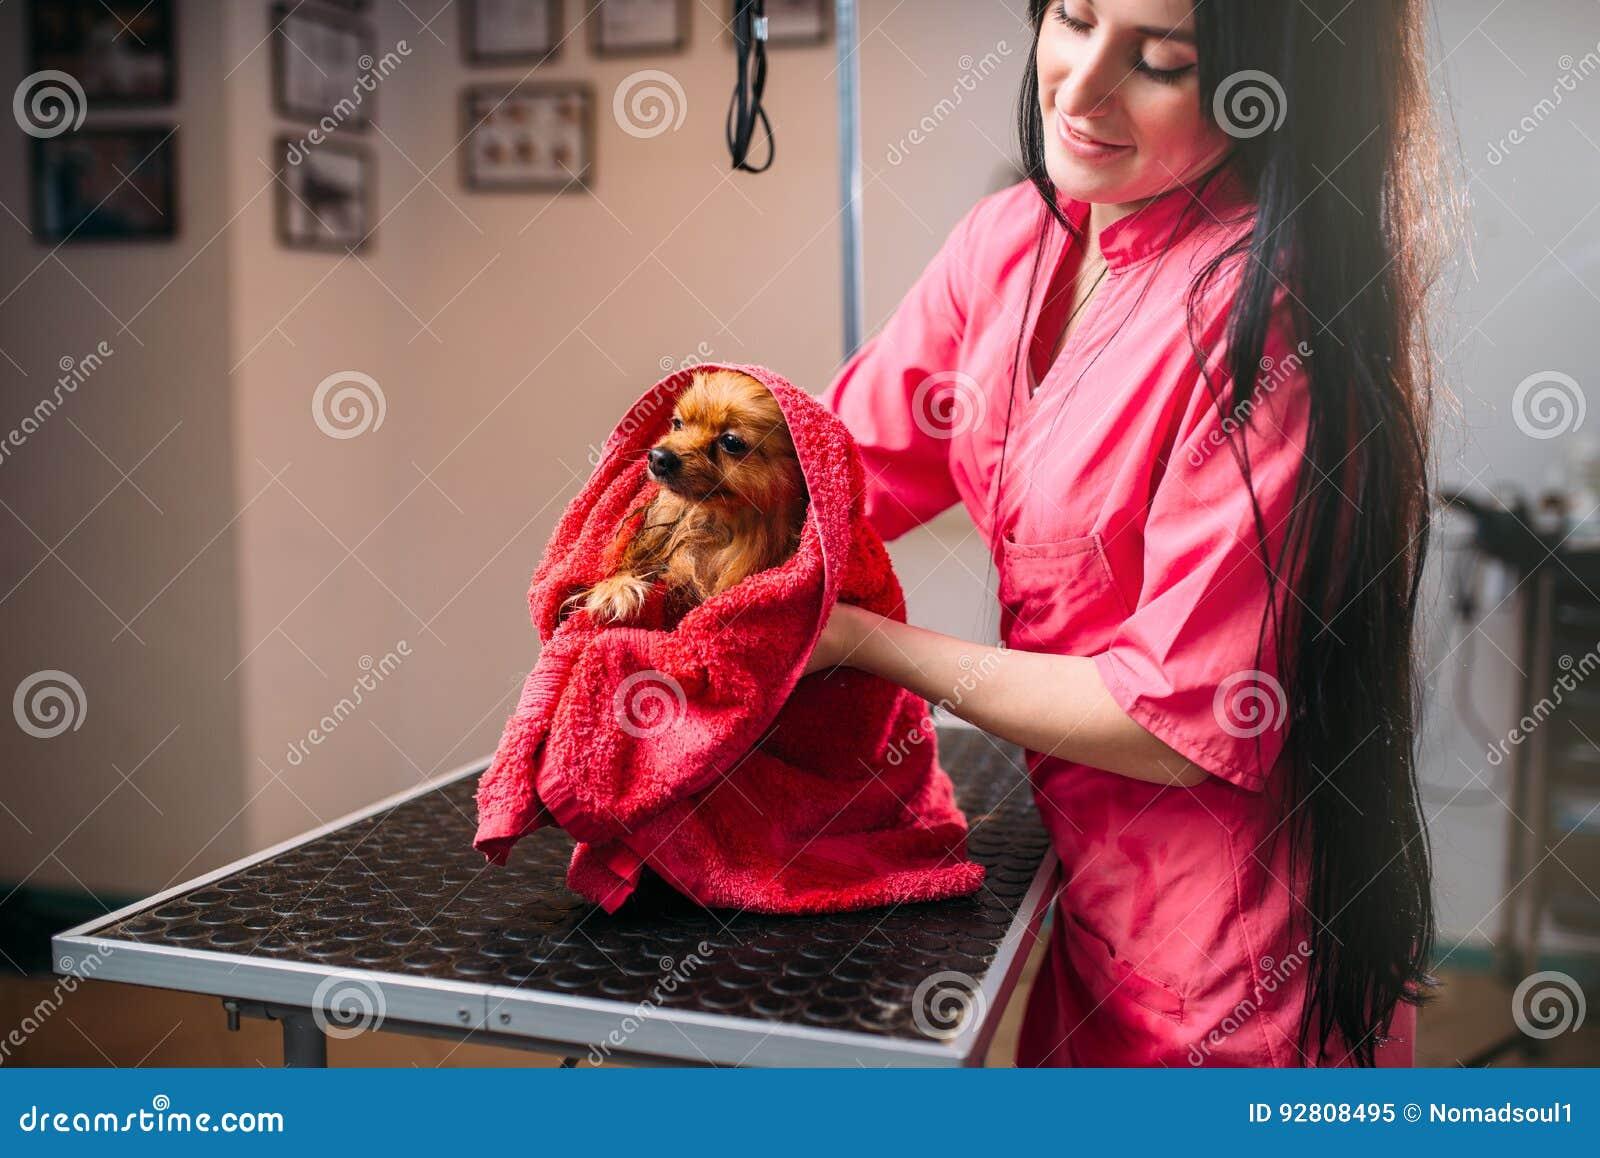 Den älsklings- groomeren torkar den lilla hunden med en handduk